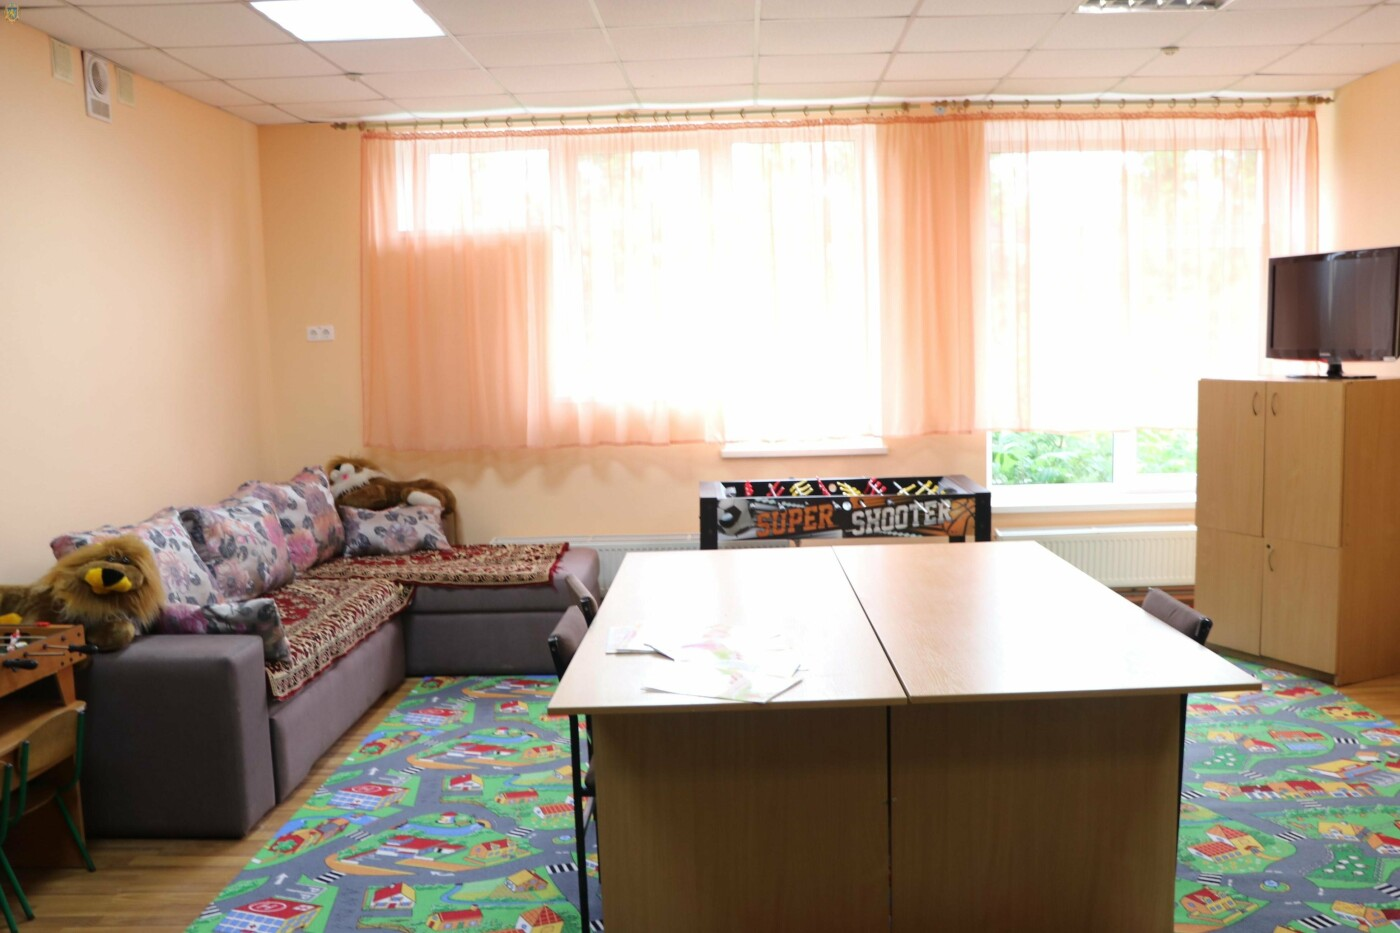 Центр соціальної підтримки, фото з сайту ЛОДА